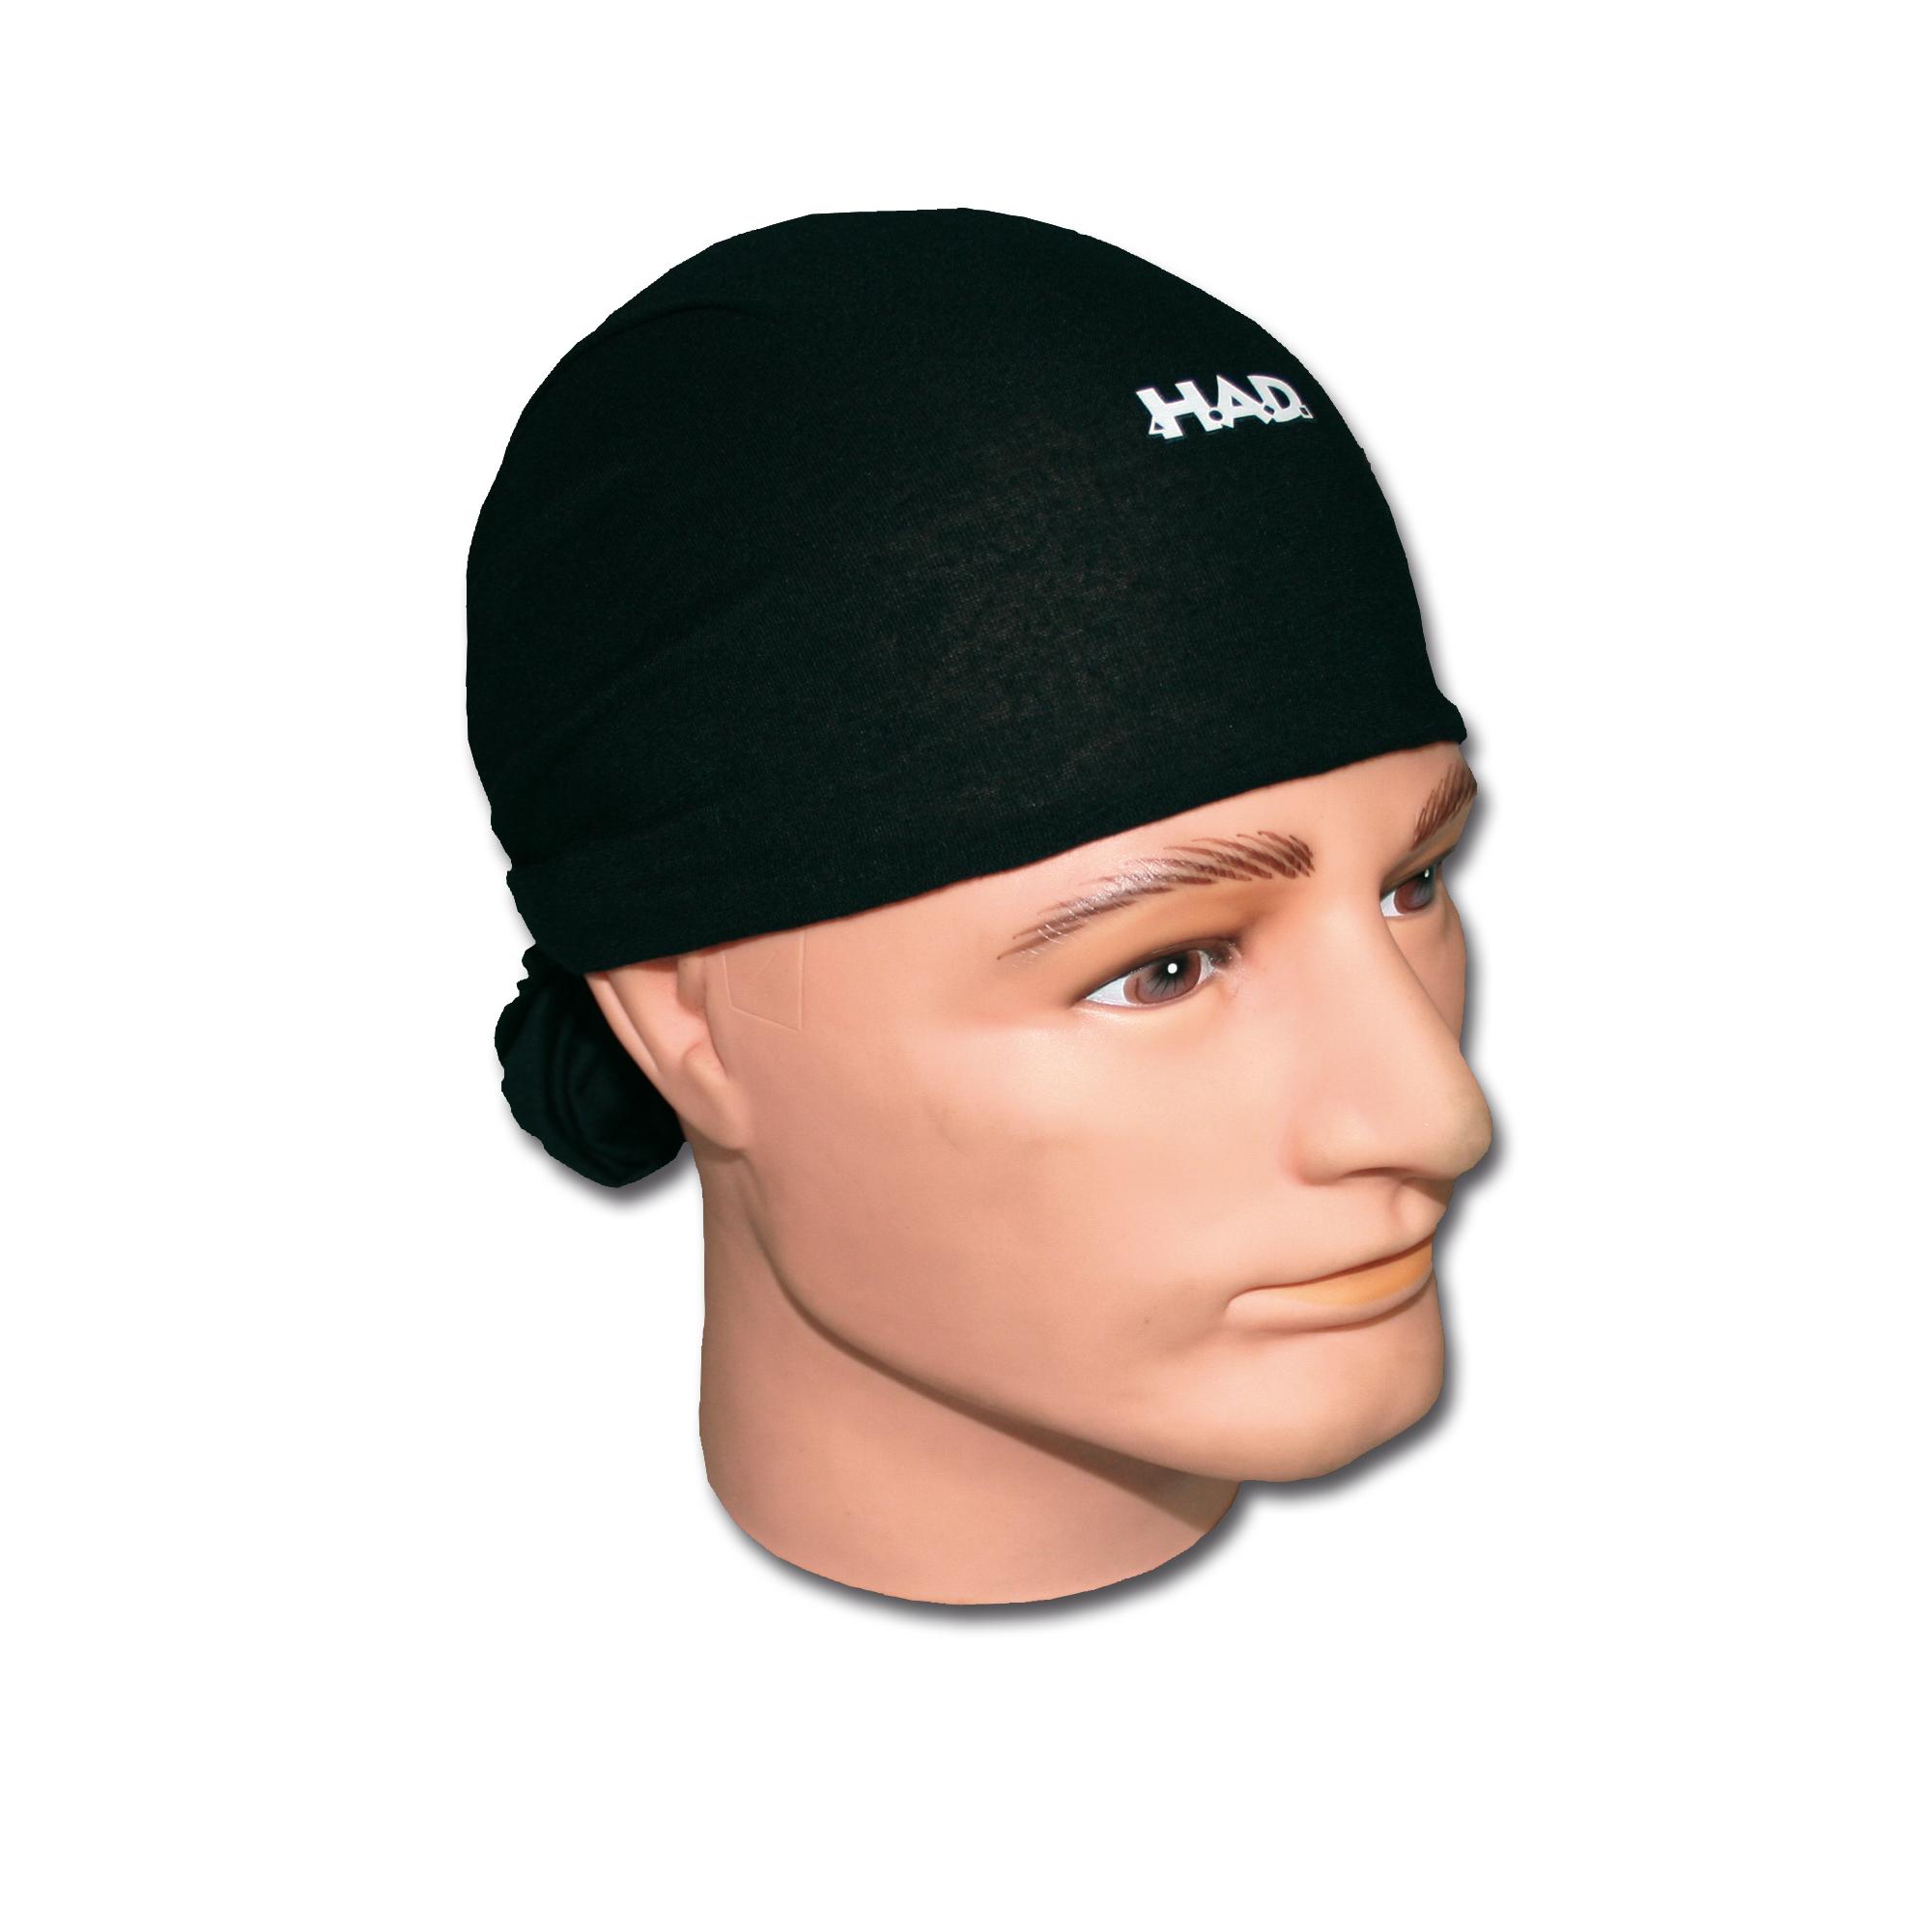 Kopftuch HAD schwarz